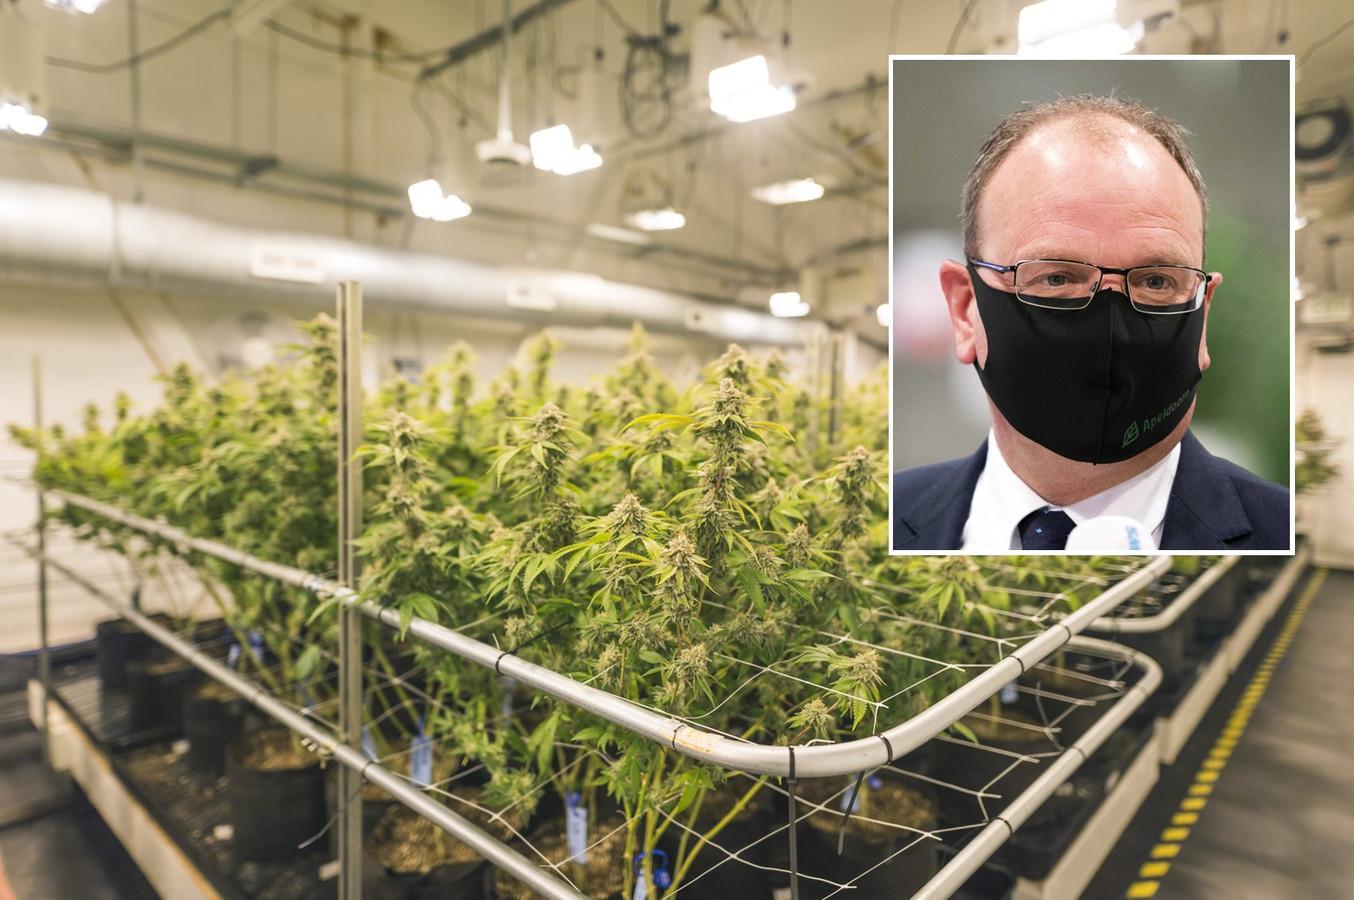 Burgemeester Ton Heerts houdt vast aan het sluiten van een drugspand in Apeldoorn. Complicaties doordat het coronatijd is vindt hij niet relevant.